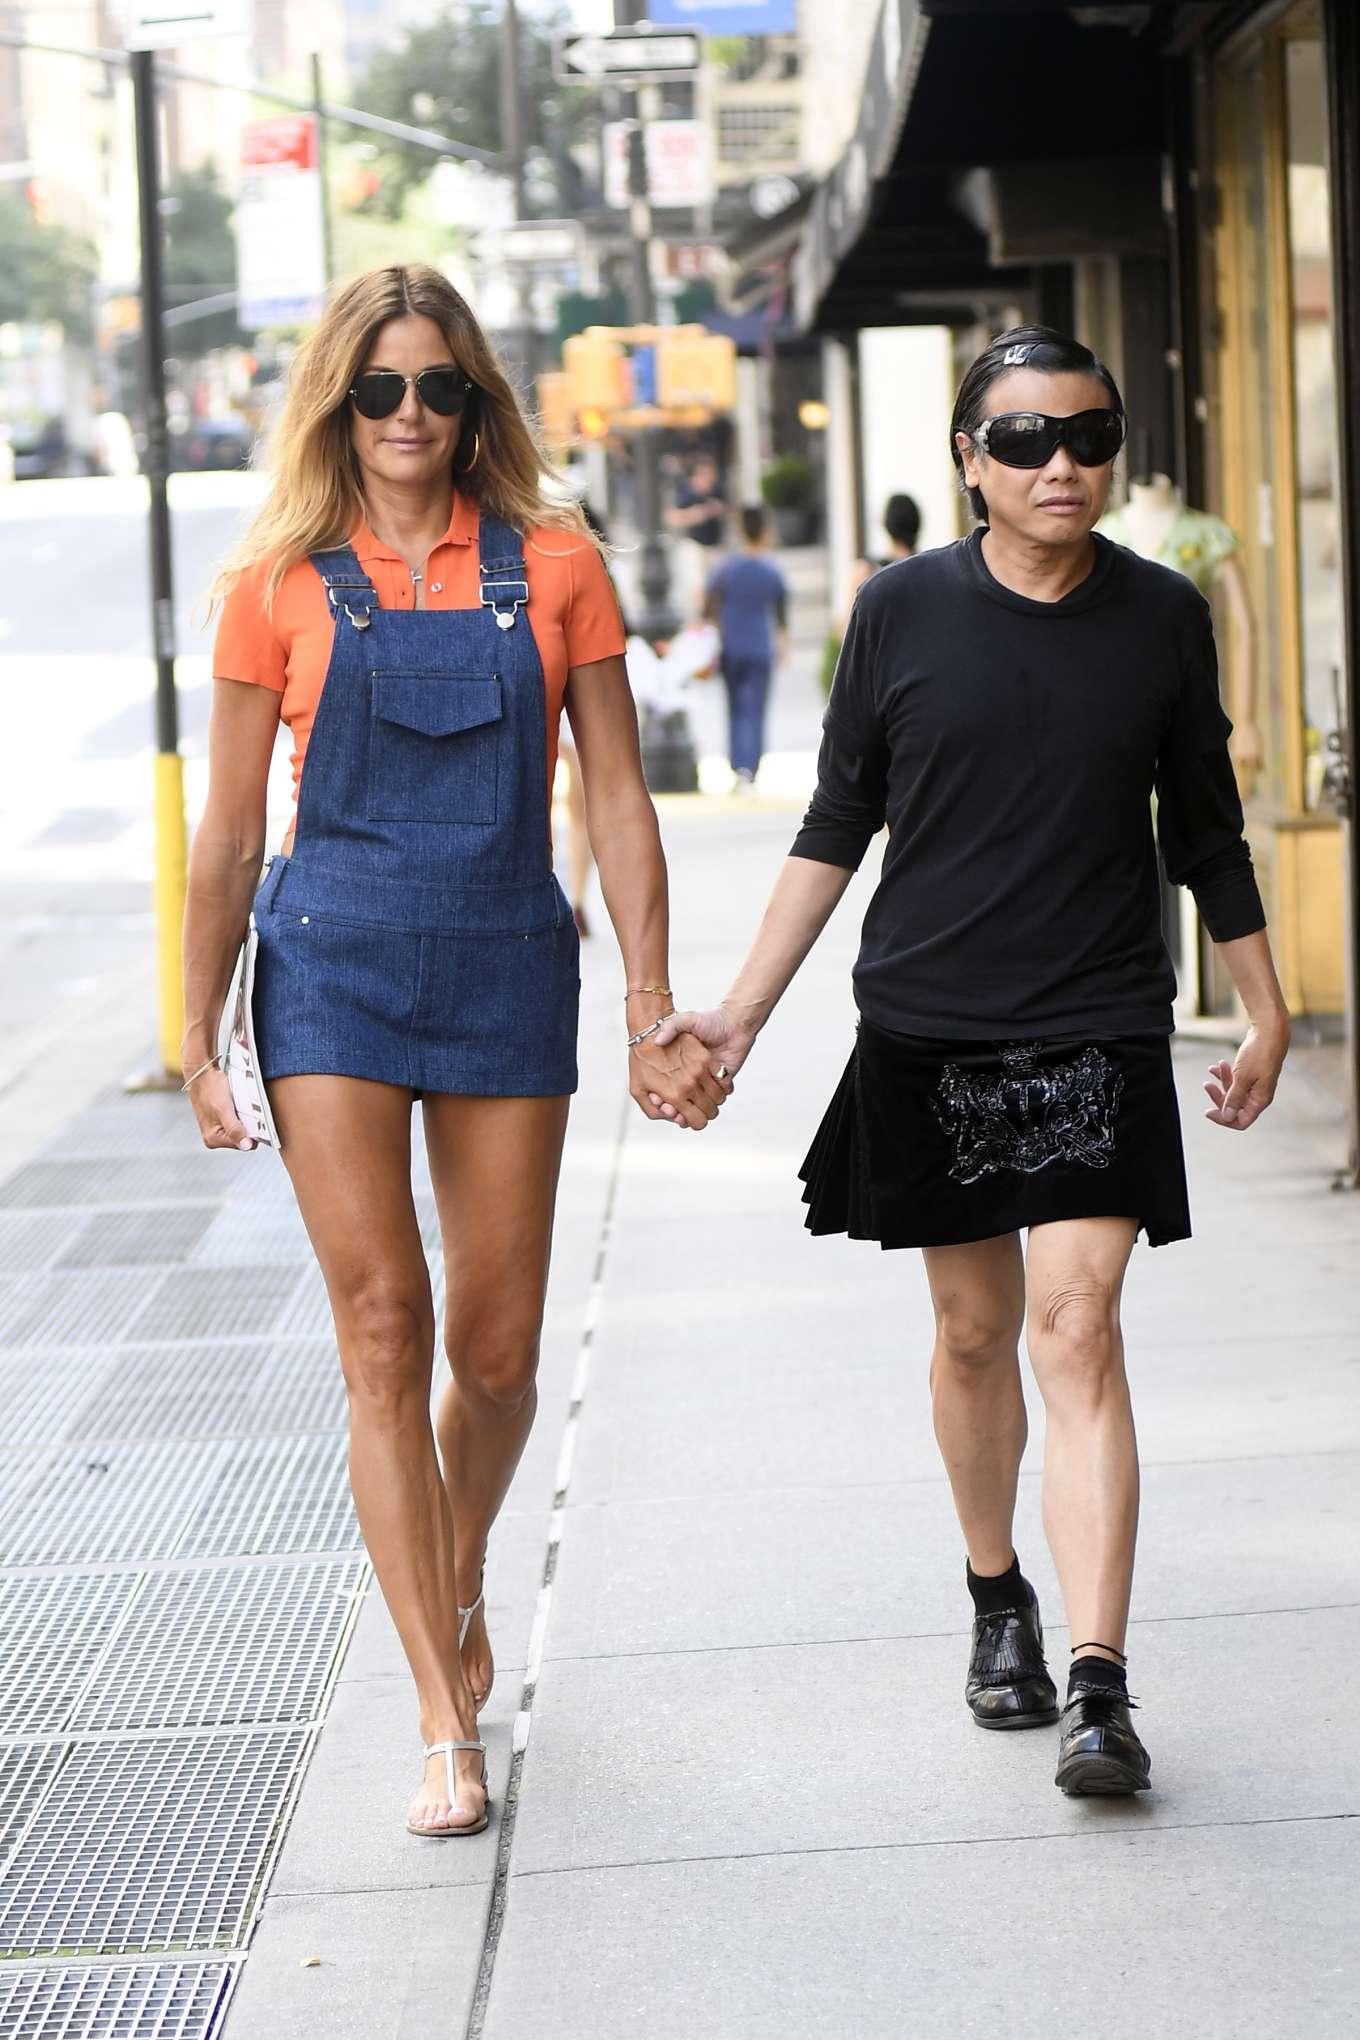 Kelly Bensimon With Fashion Designer Zang Toi On Madison